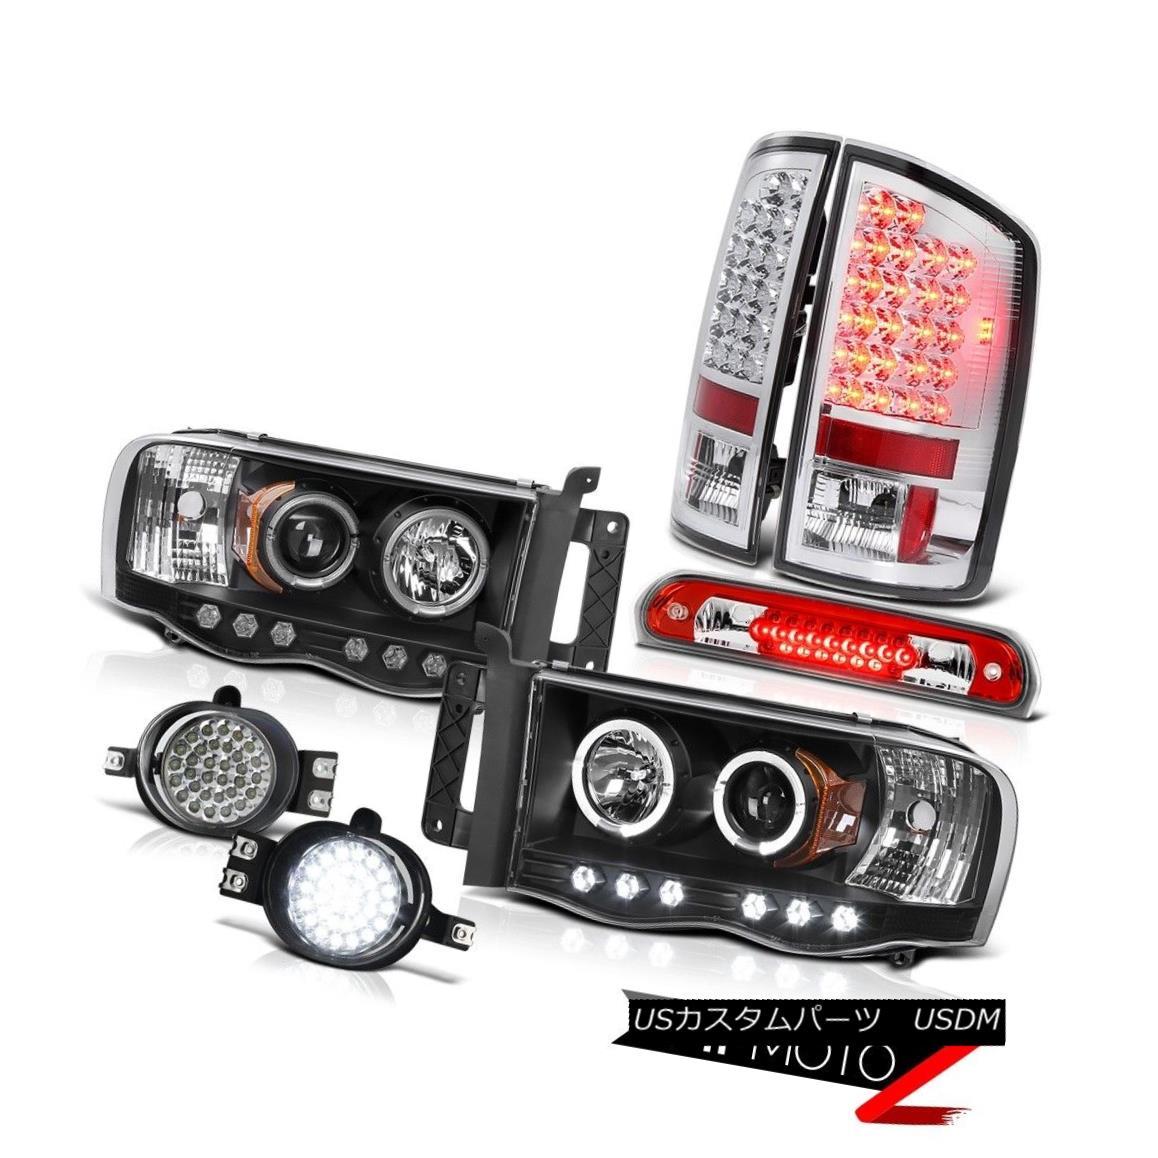 テールライト 2002-2005 Ram 1500 Angel Eye Headlights LED Taillights Trim Foglights Red Third 2002-2005 Ram 1500 Angel EyeヘッドライトLEDテールライトトリムフォグライトRed Third